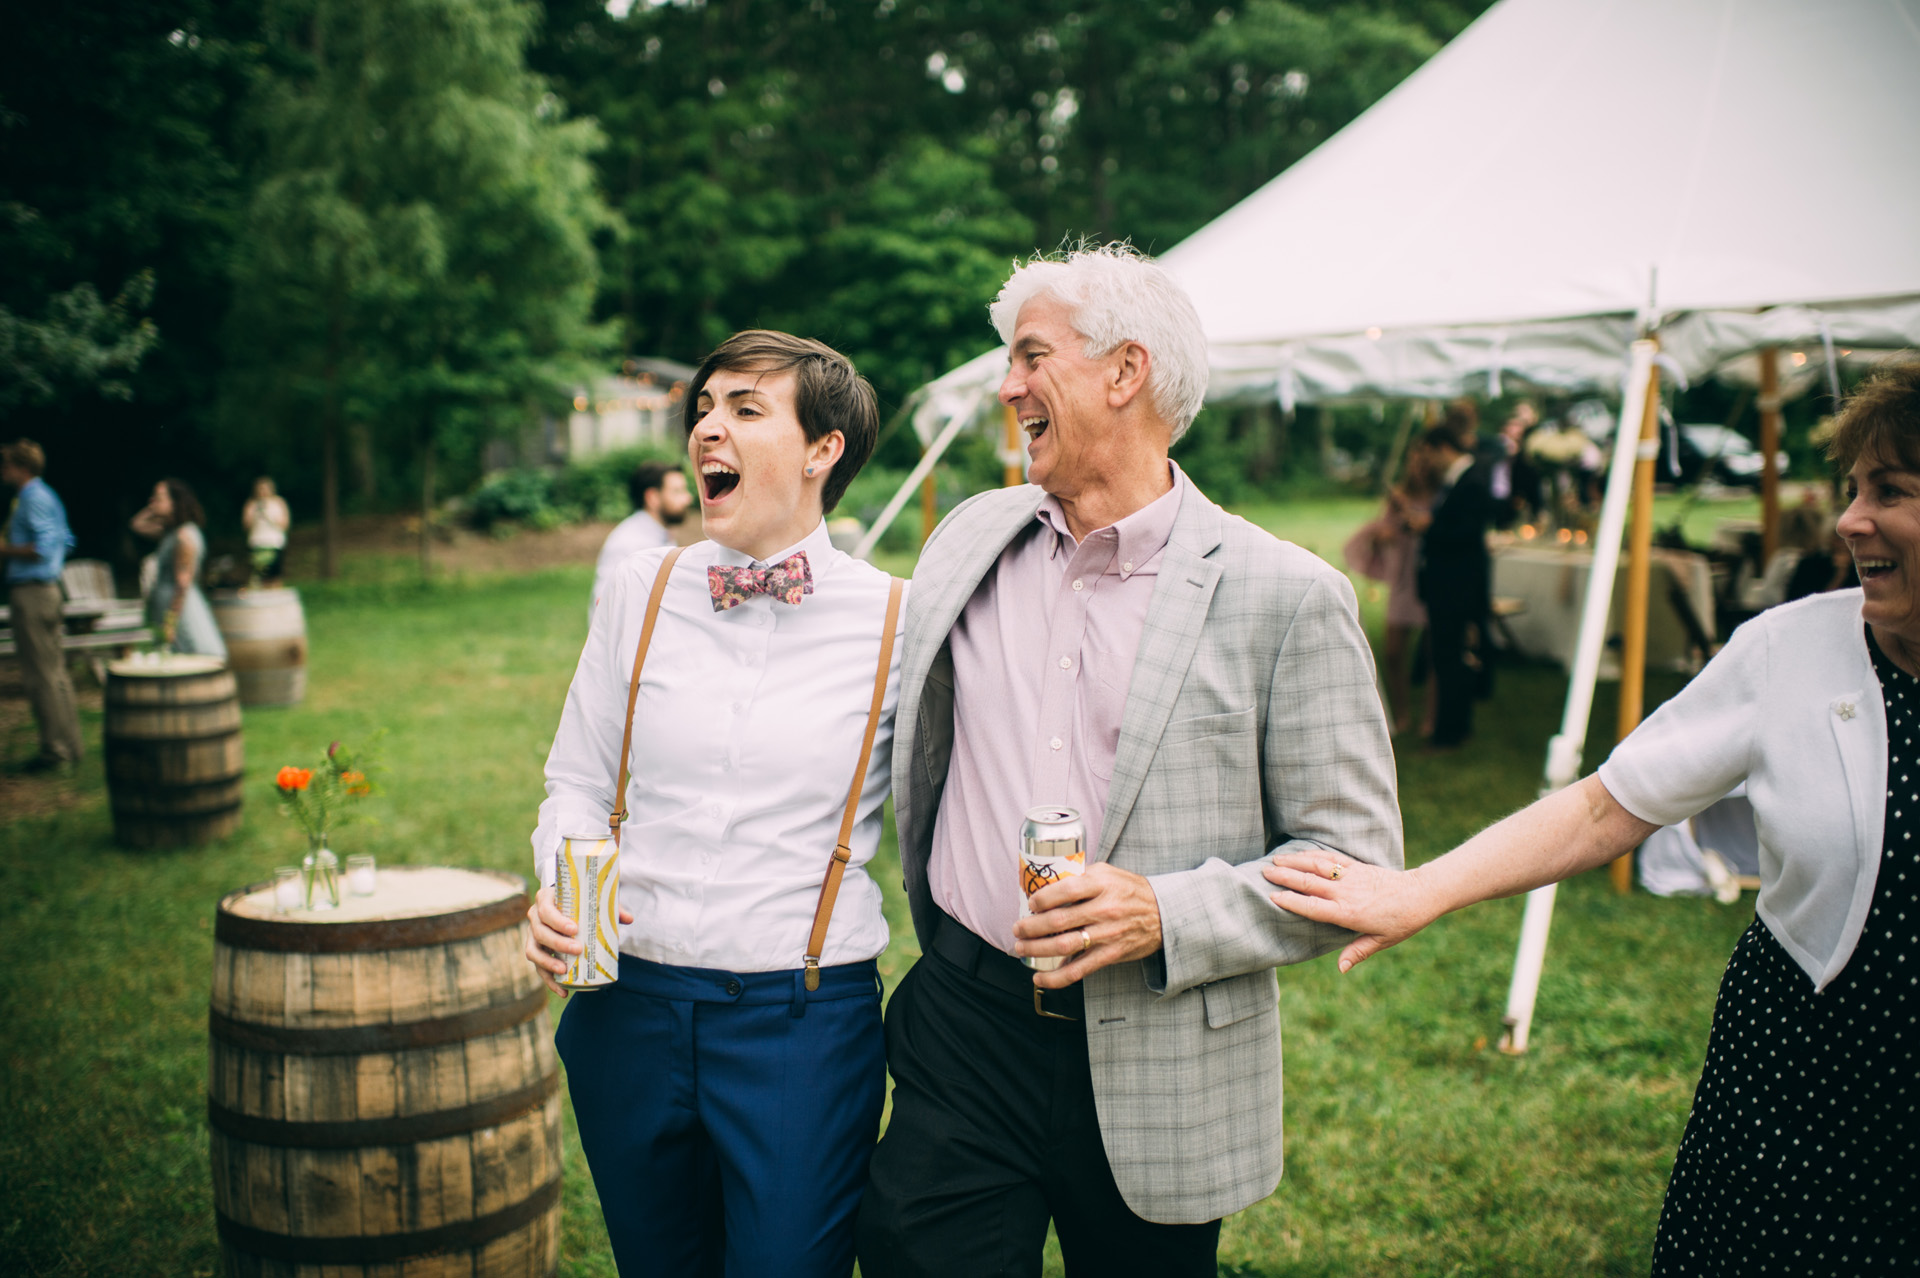 broadturn-farm-wedding-74